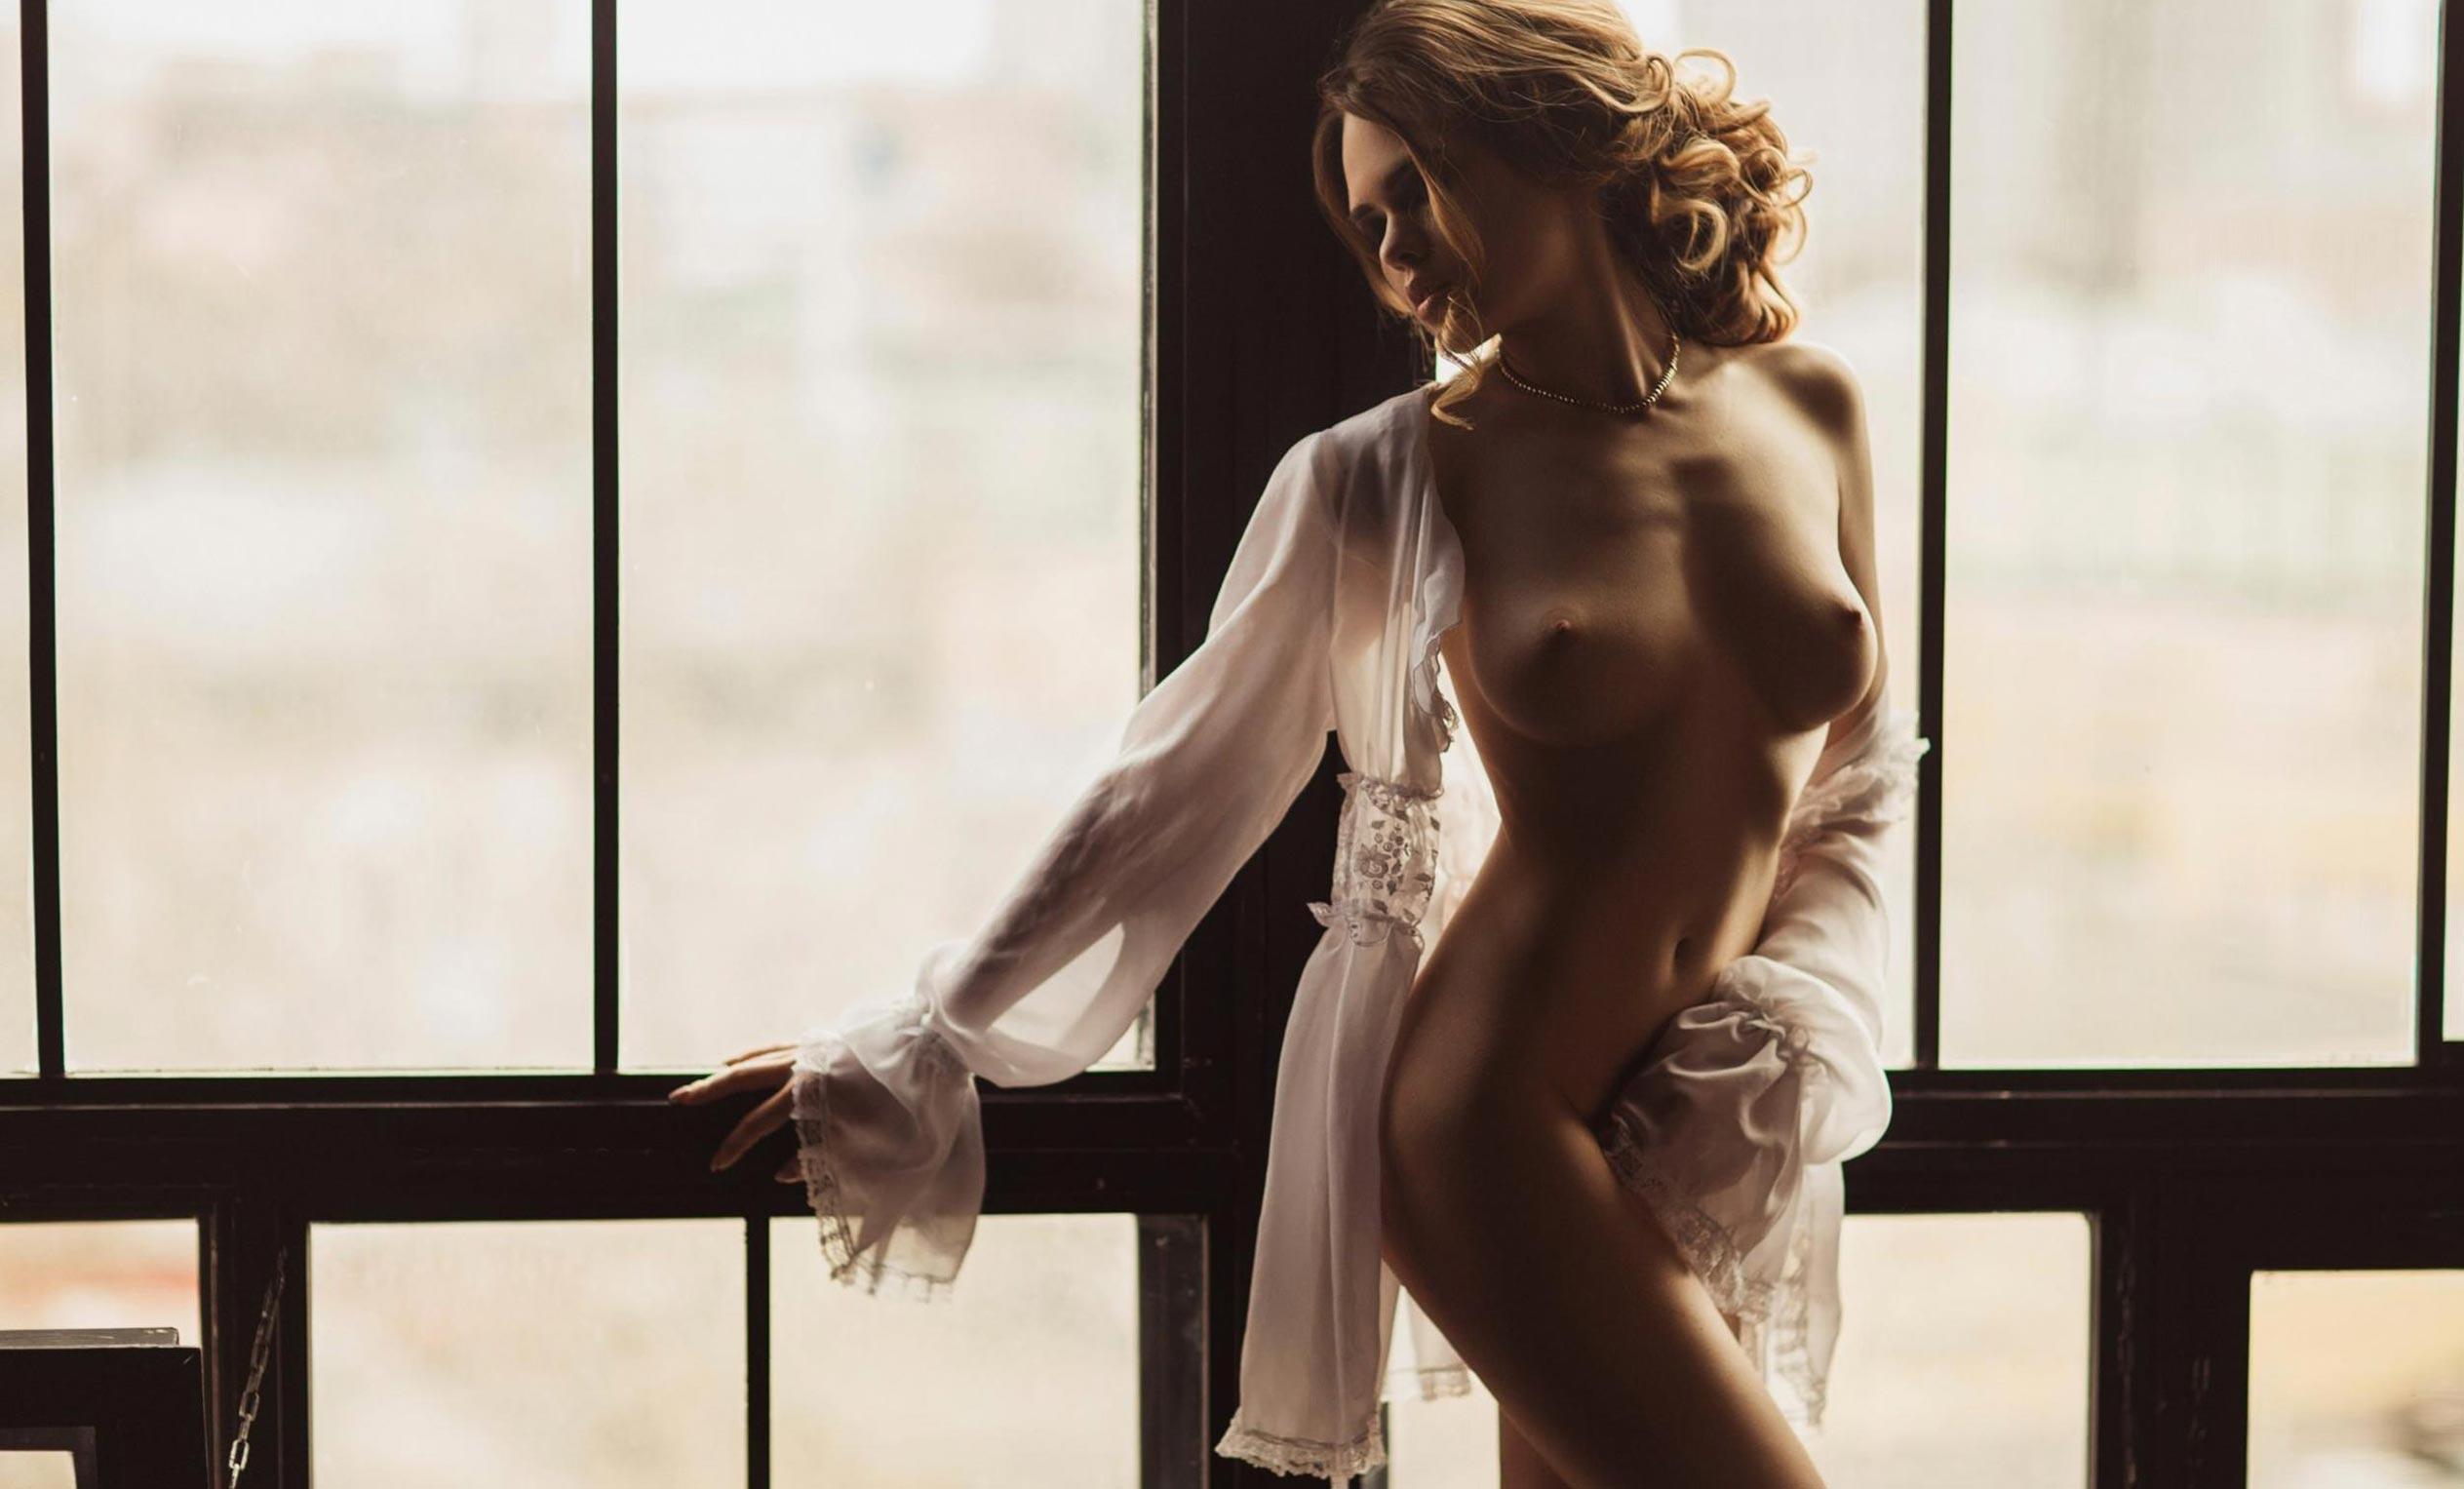 голая модель в винтажных интерьерах / сексуальная Эллина Мюллер / фото 10